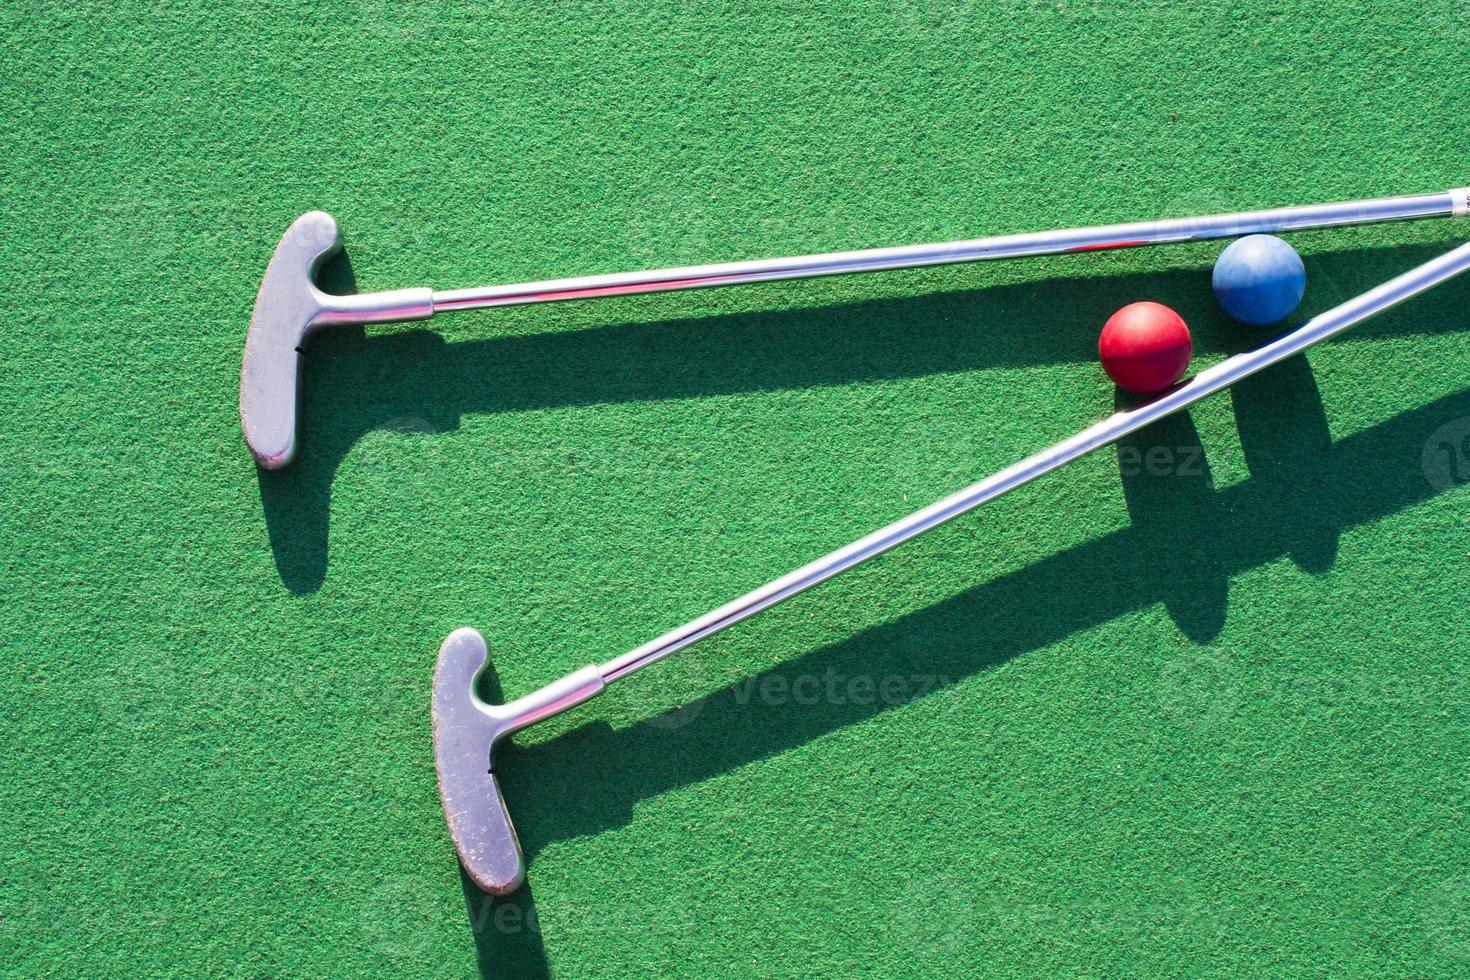 Golf spielen auf dem grünen Rasen foto